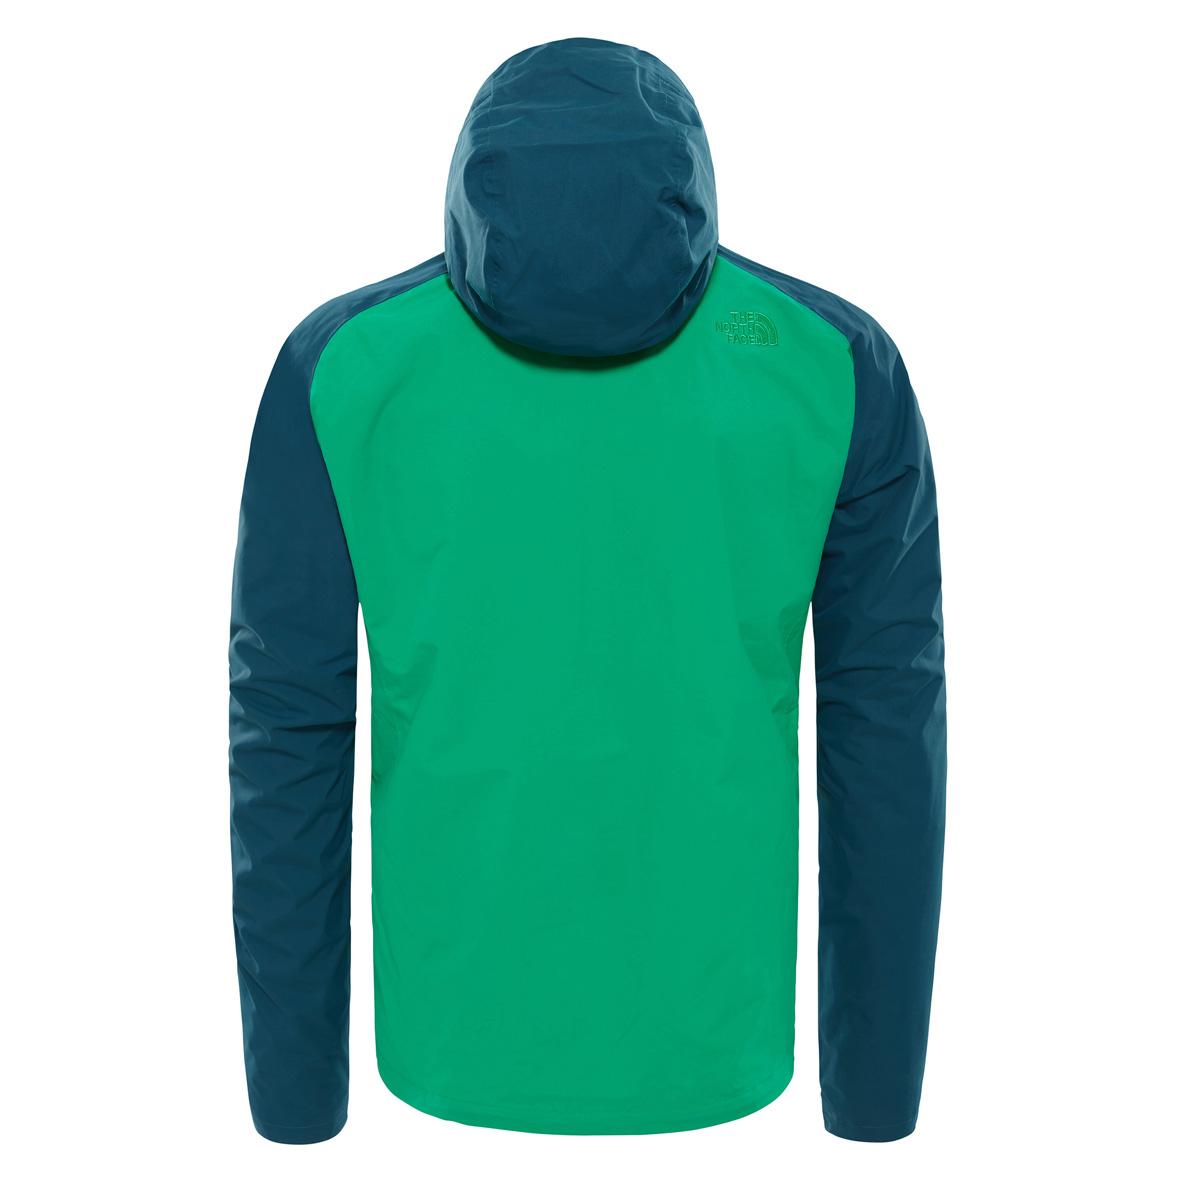 Con Lunghe Maniche Jacket Giacca Cappuccio Primary A Stratos M wBqxPPn6tF